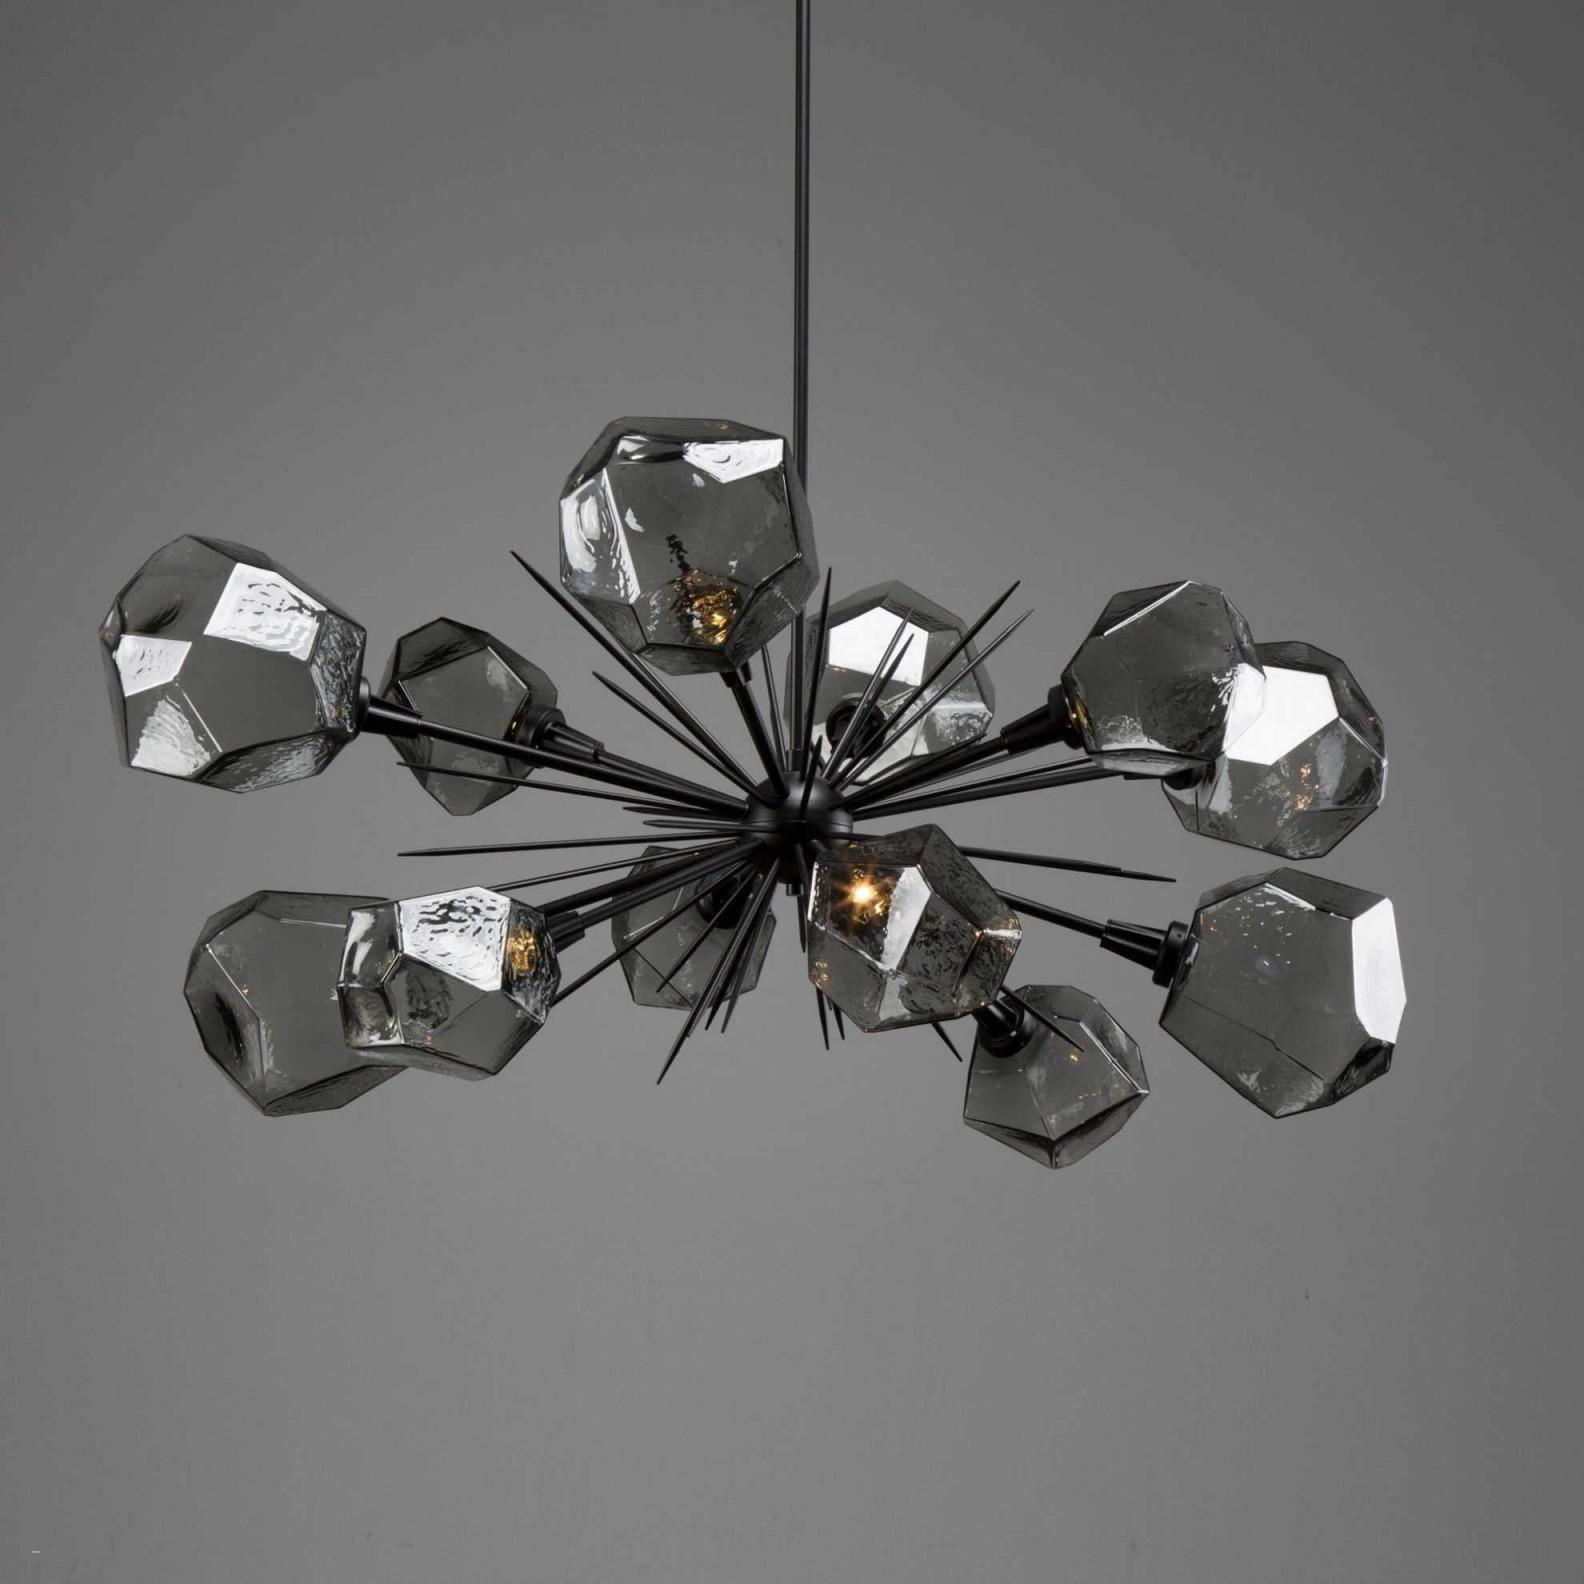 38 Genial Lampen Wohnzimmer Design Reizend  Wohnzimmer Frisch von Design Lampe Wohnzimmer Photo